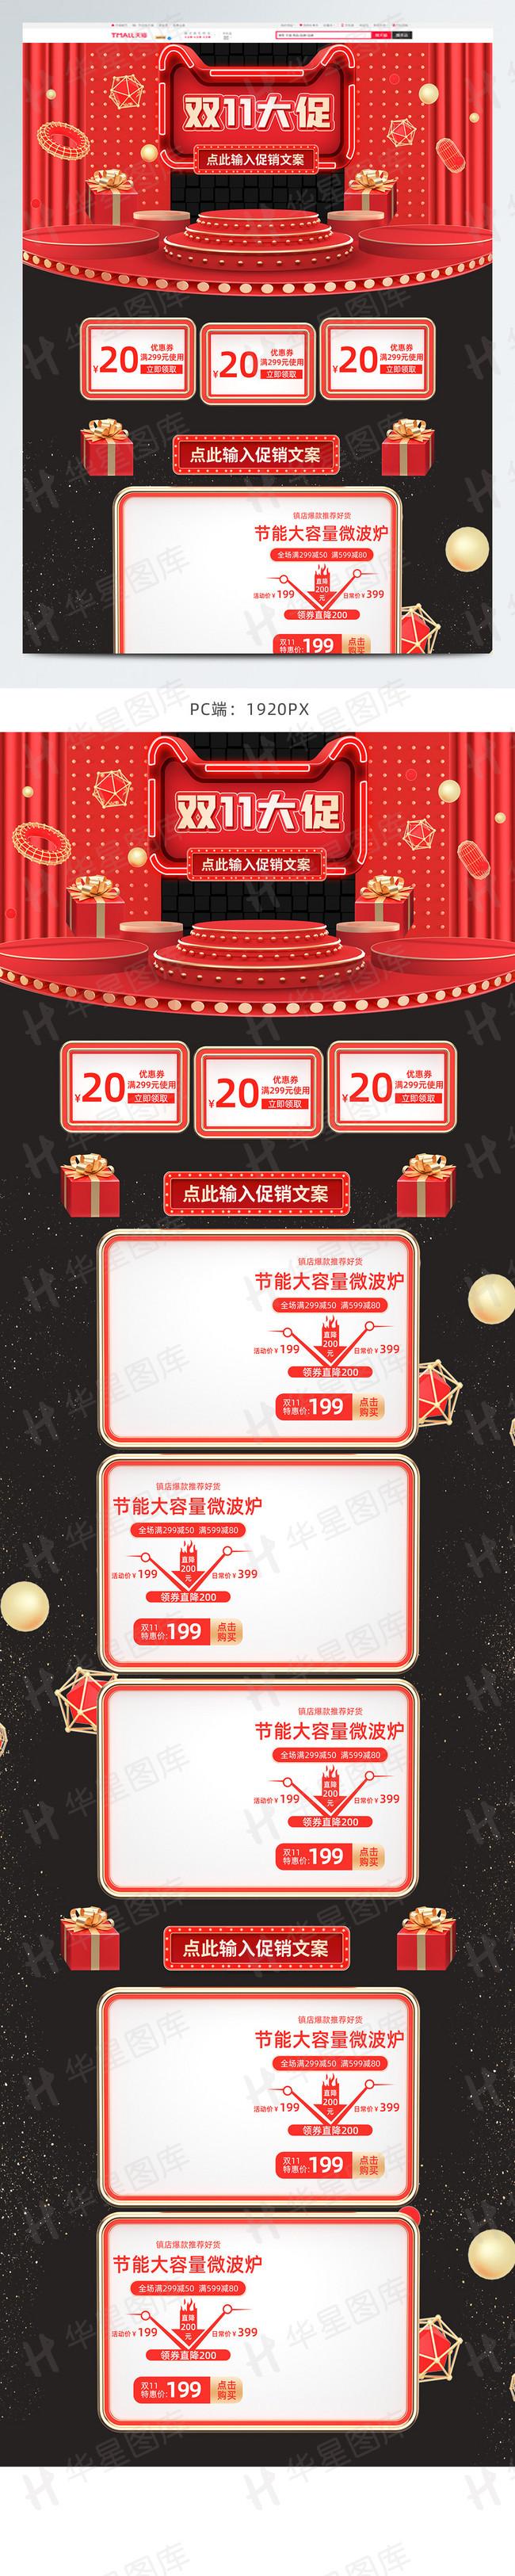 红色黑金c4d双11全球狂欢节电商首页电脑版1920 px